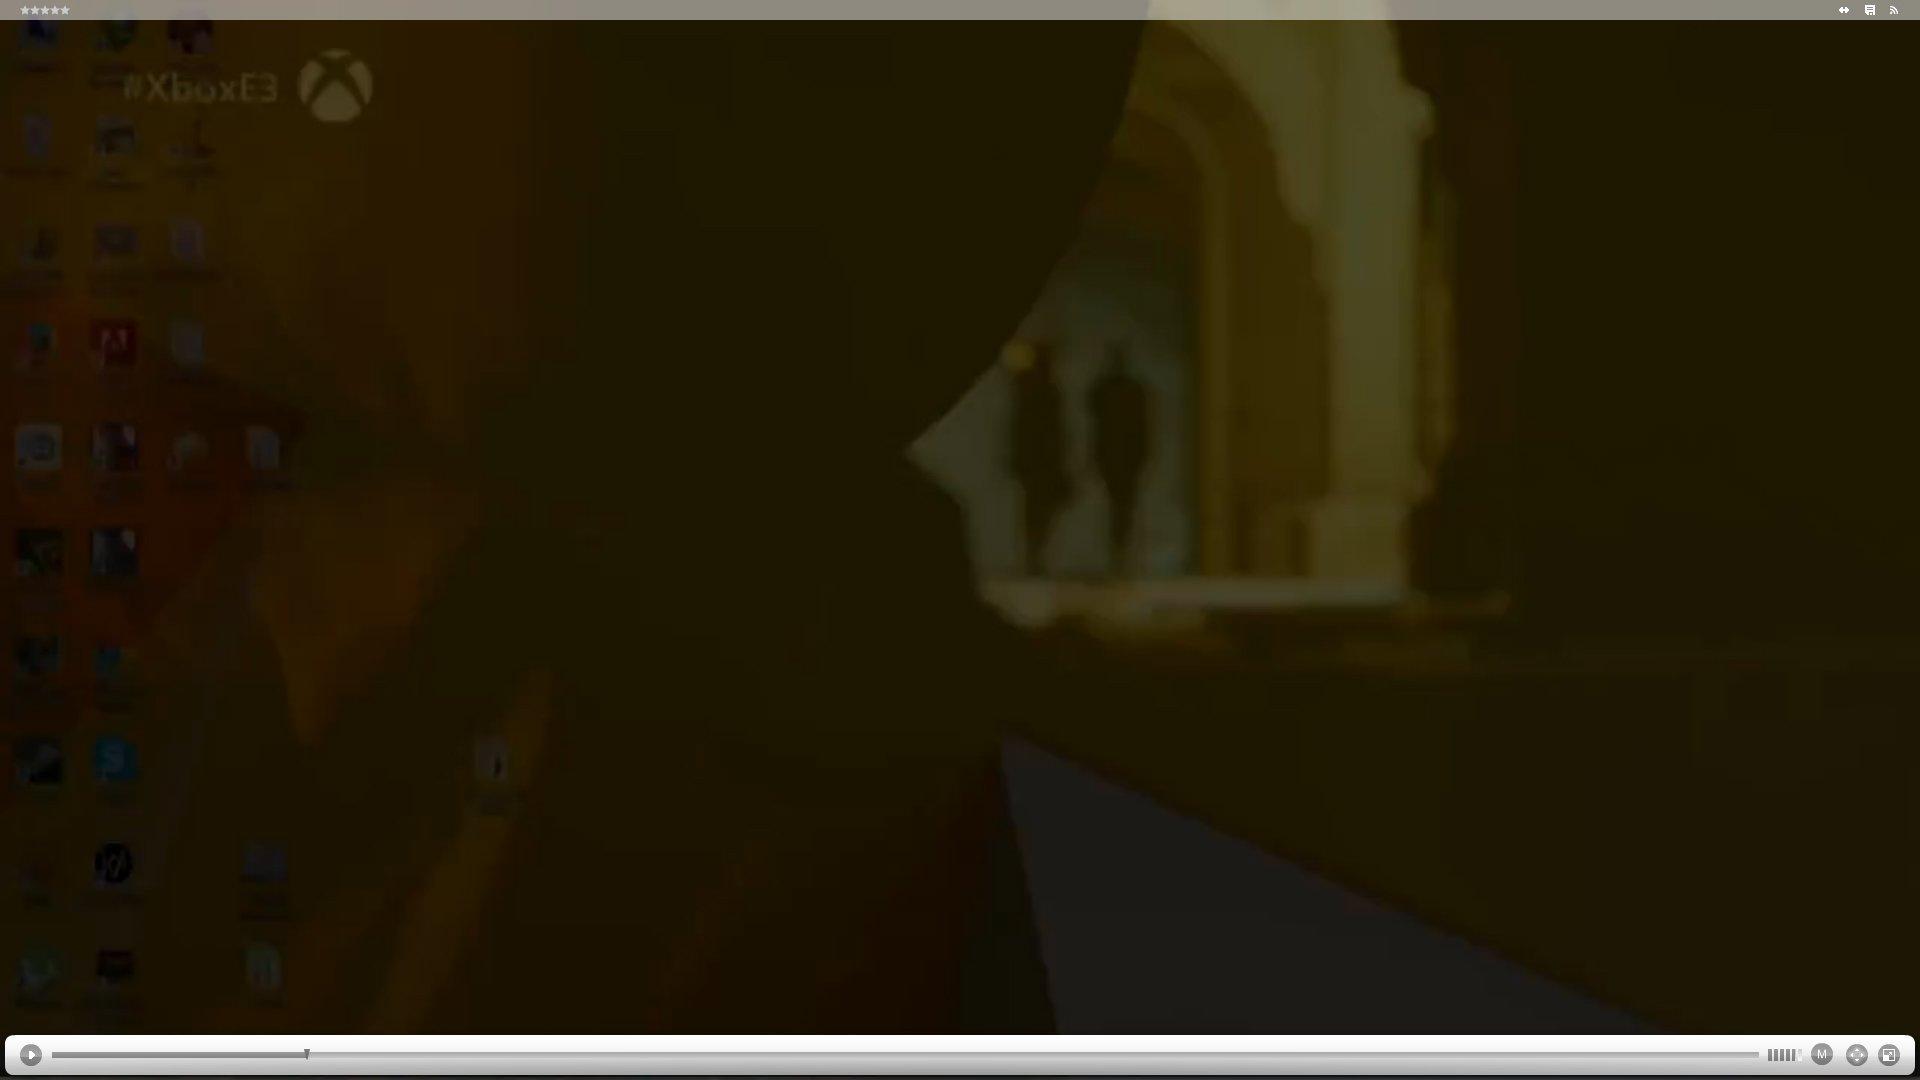 Dragon Age 3 Inquisition на Хуане? - Изображение 1